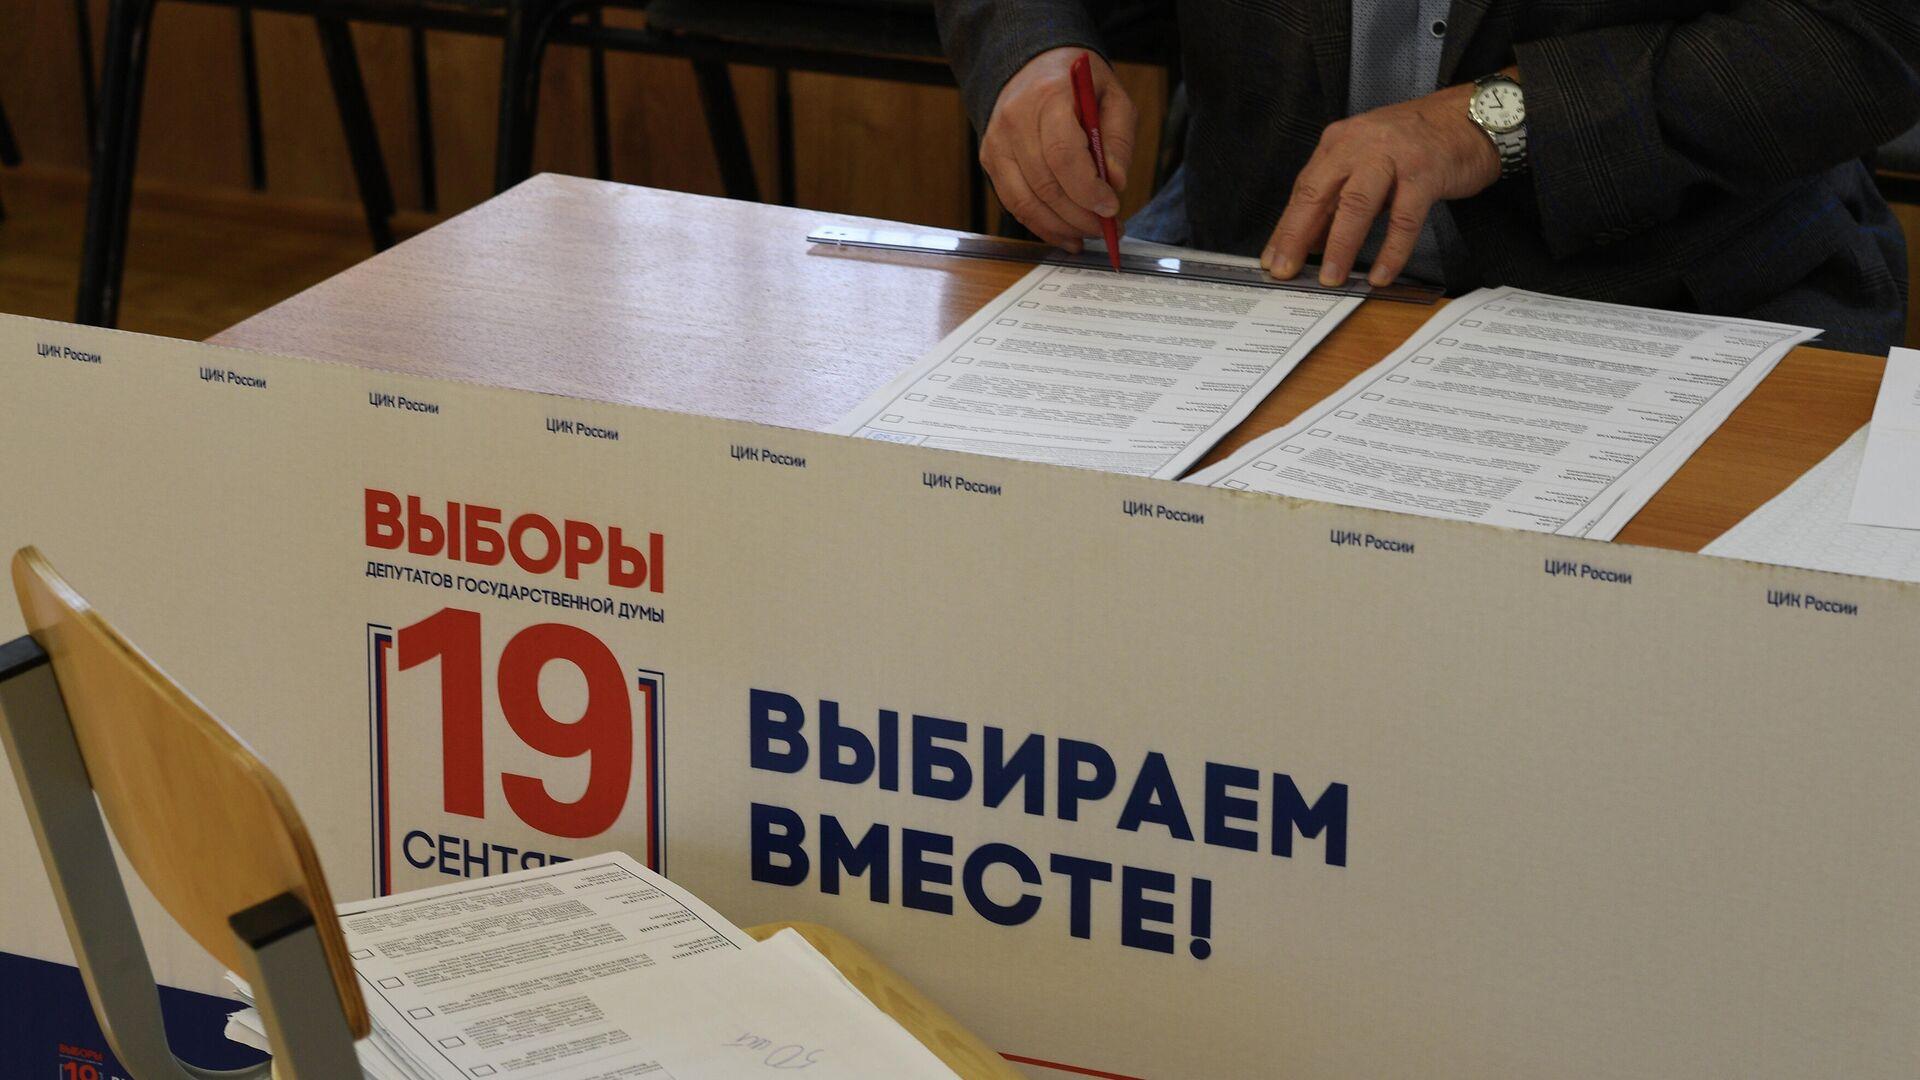 Εκλογές στη Ρωσία - Sputnik Ελλάδα, 1920, 16.09.2021